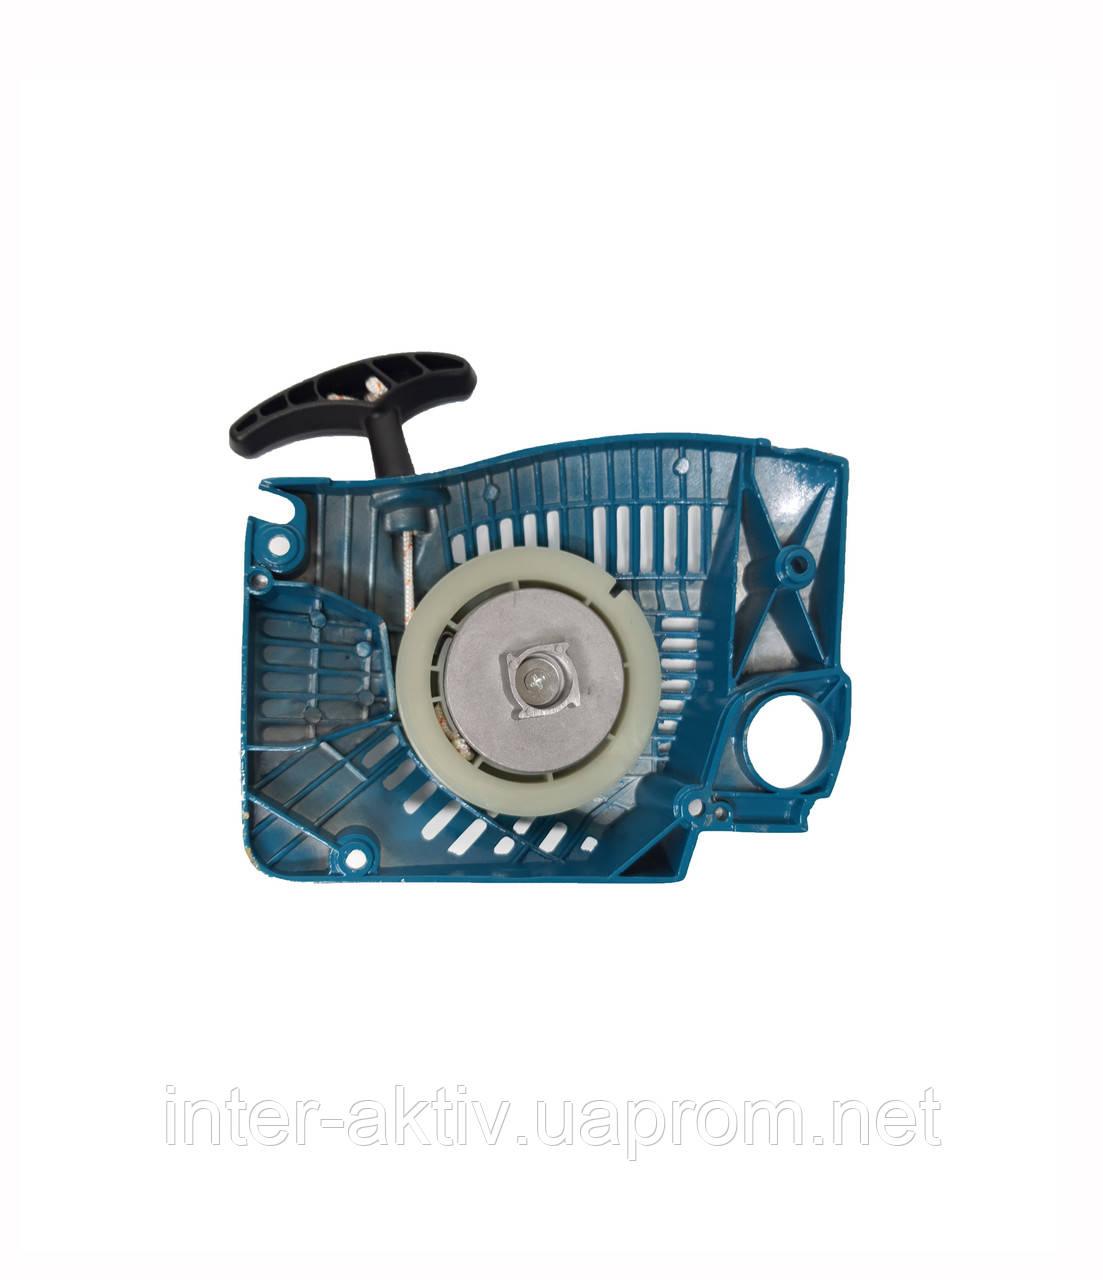 Стартер в зборі для бензопили метал п/п Craft-tec 5800